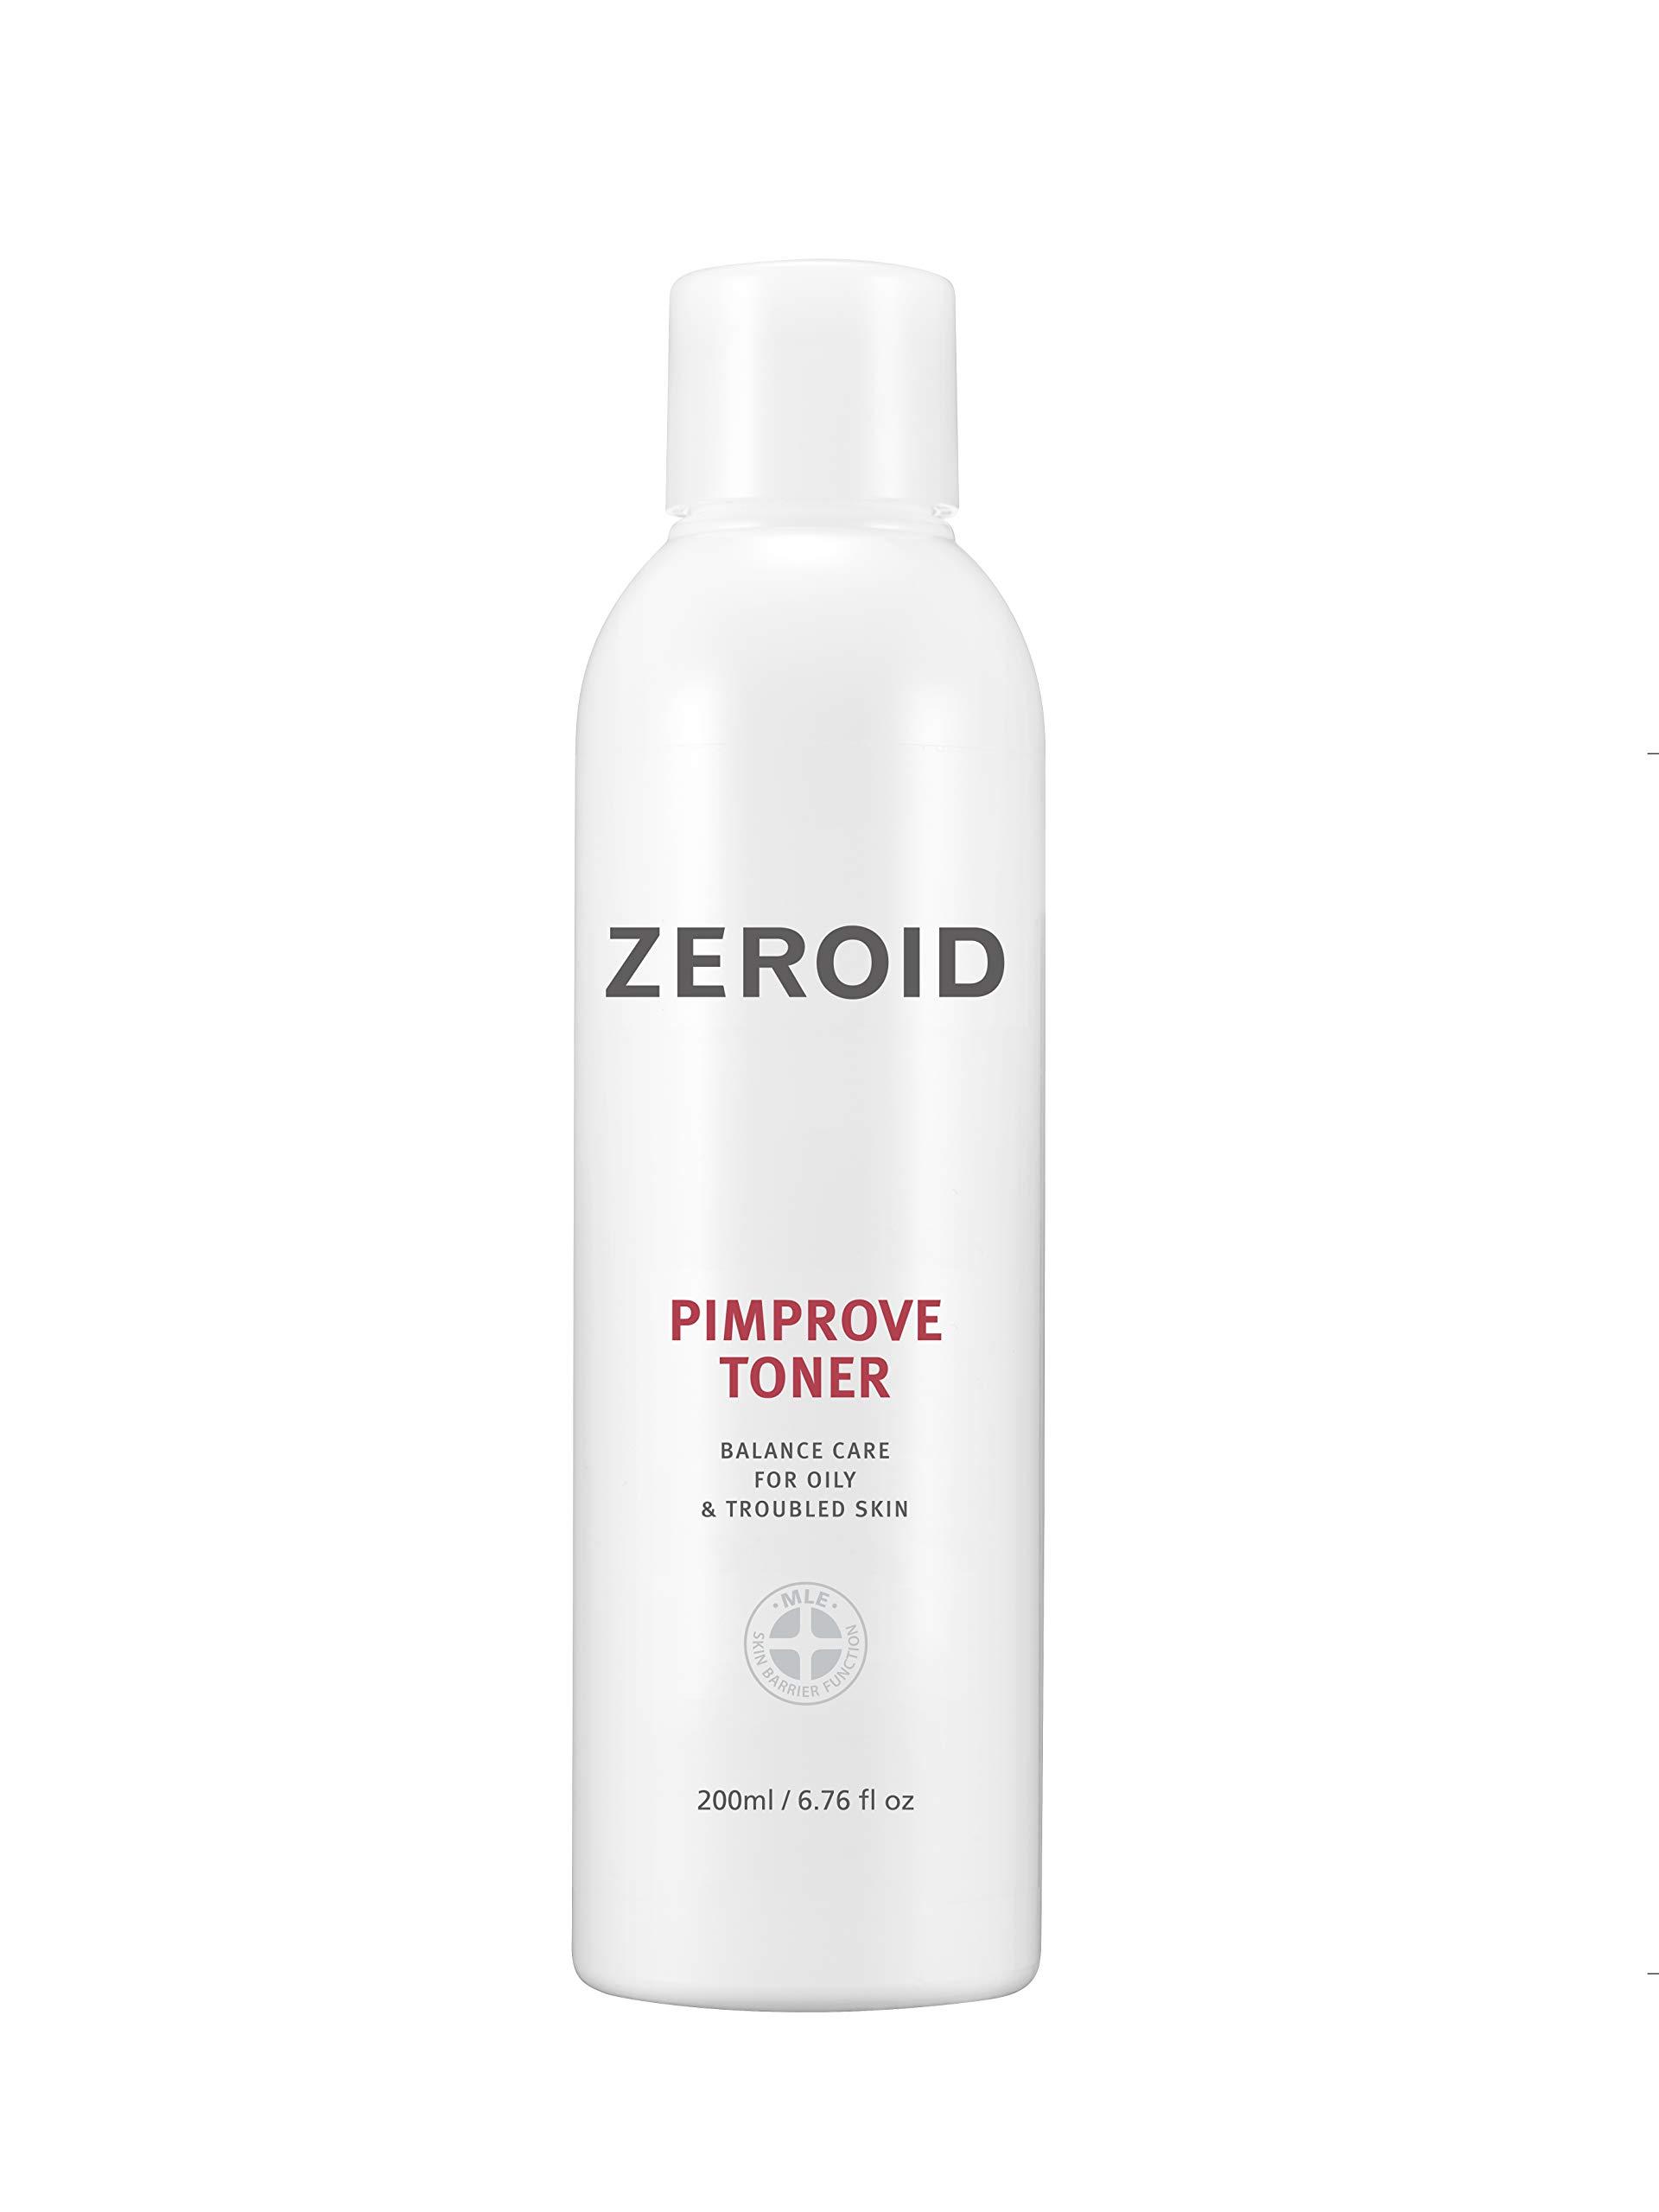 ZEROID Pimprove 6 76oz troubled K beauty